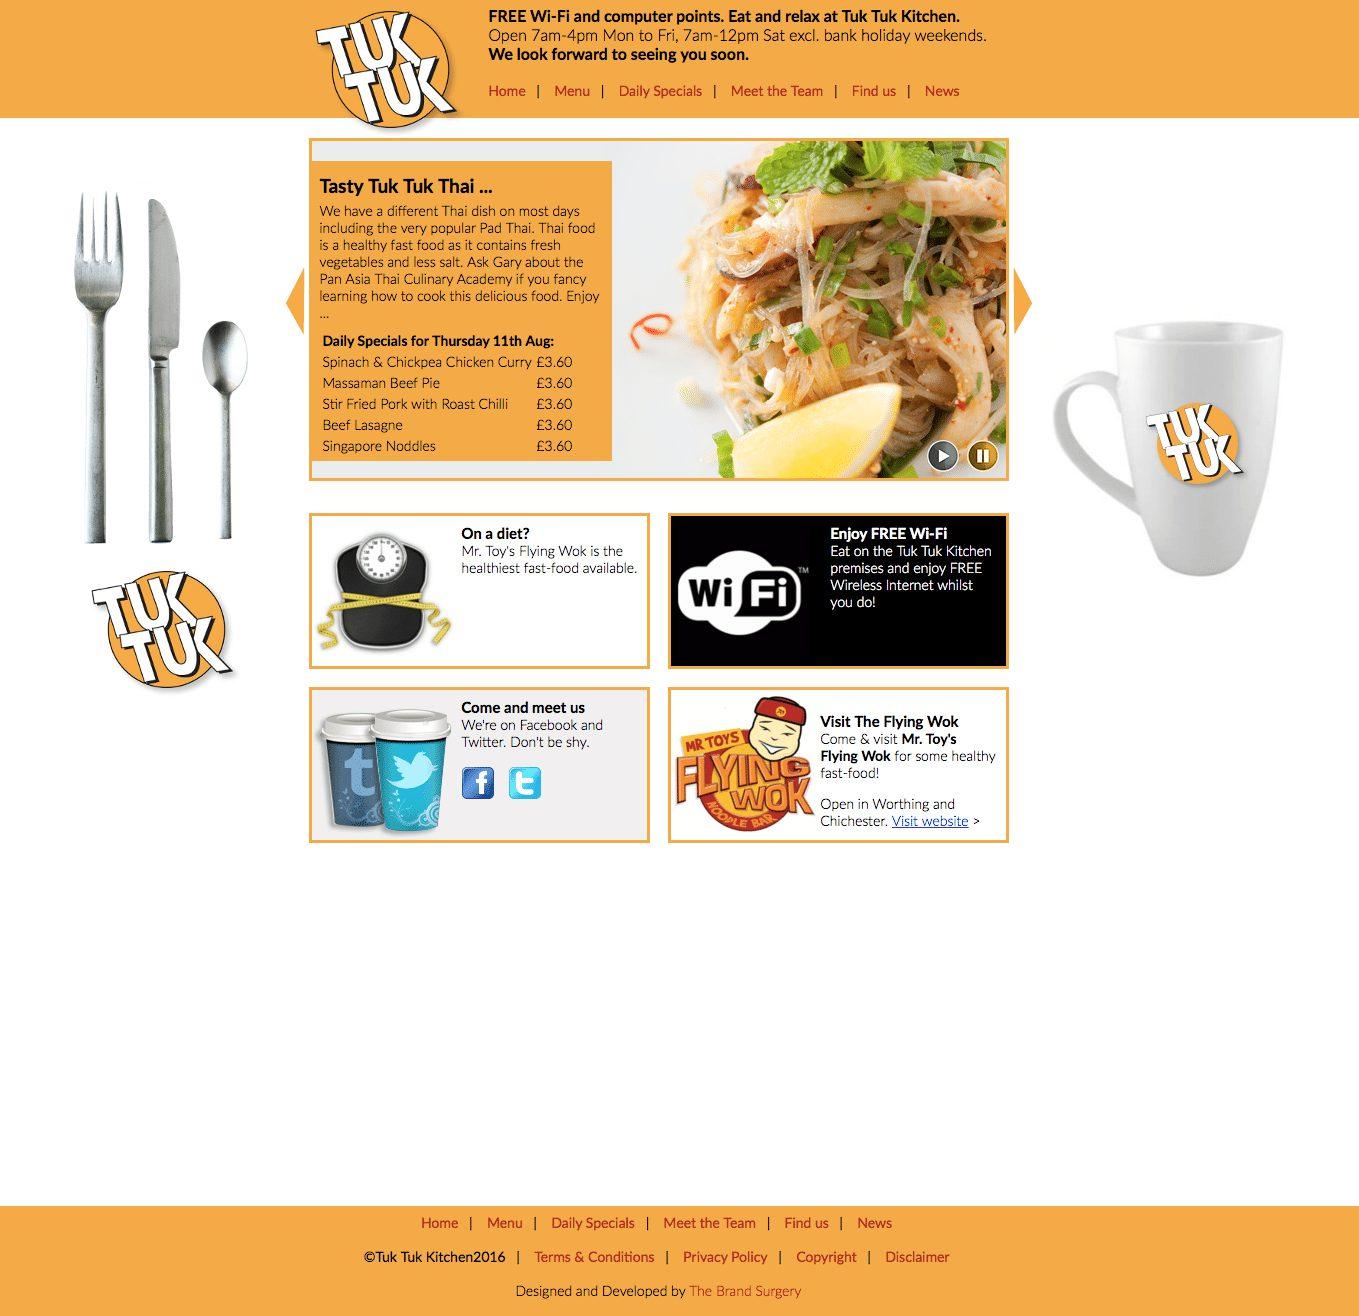 Website design for Tuk Tuk Restaurant